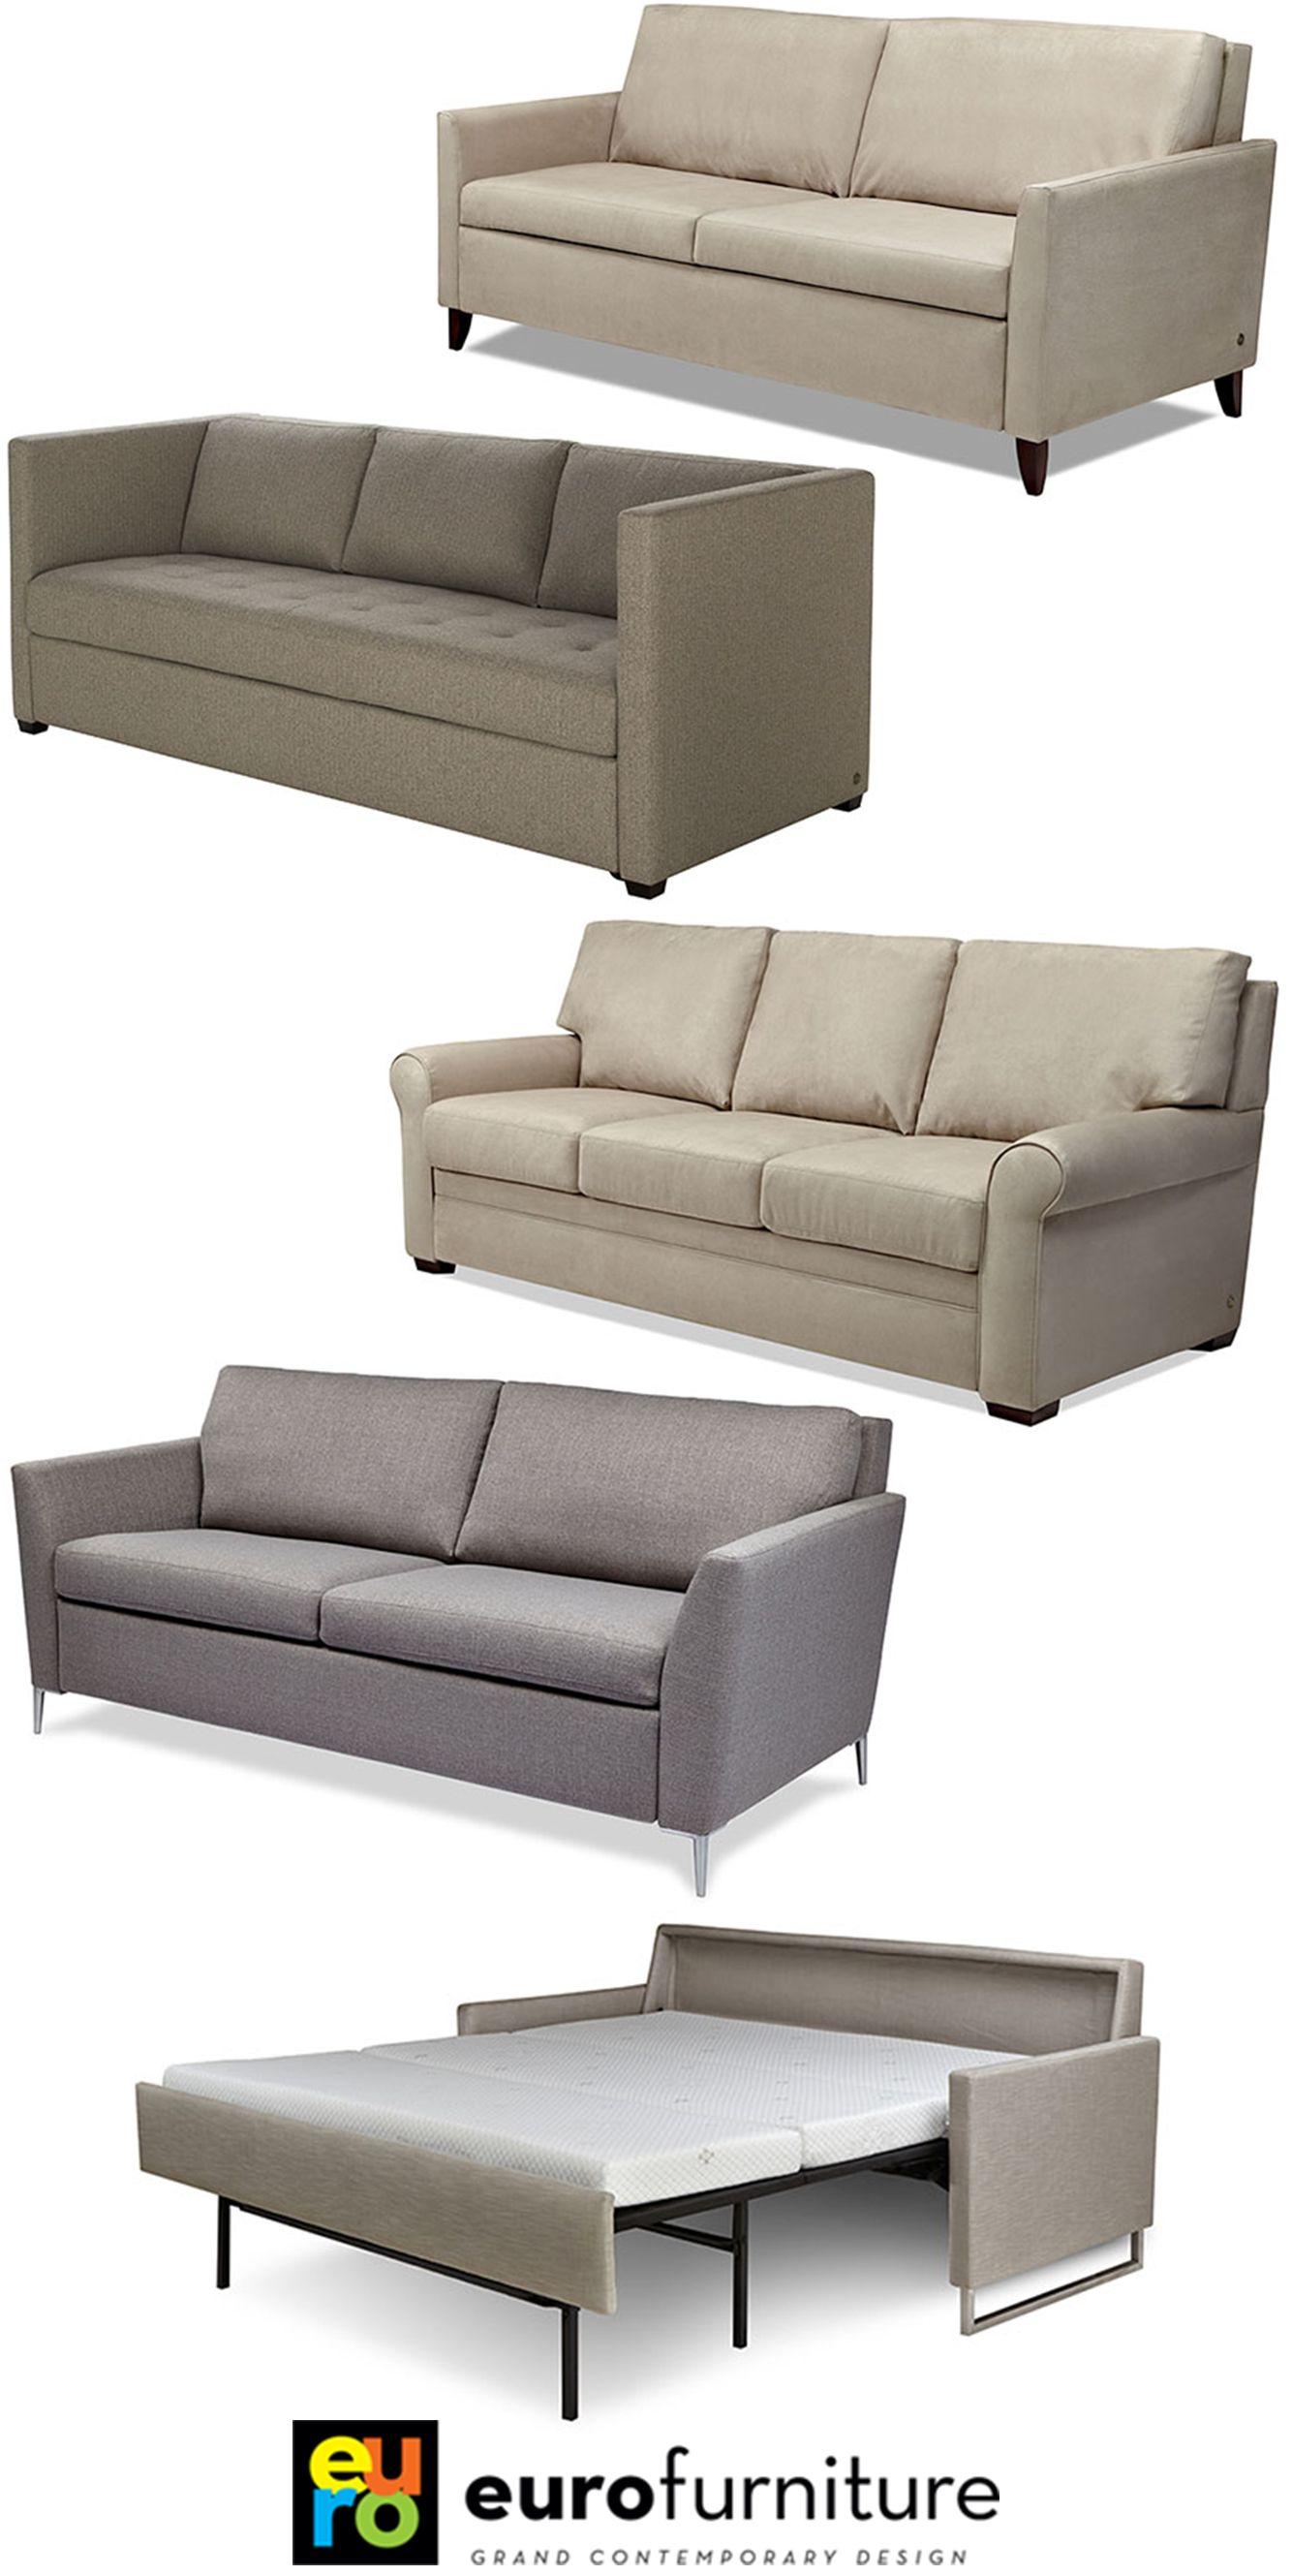 Couch Hideaway BedLiving Room